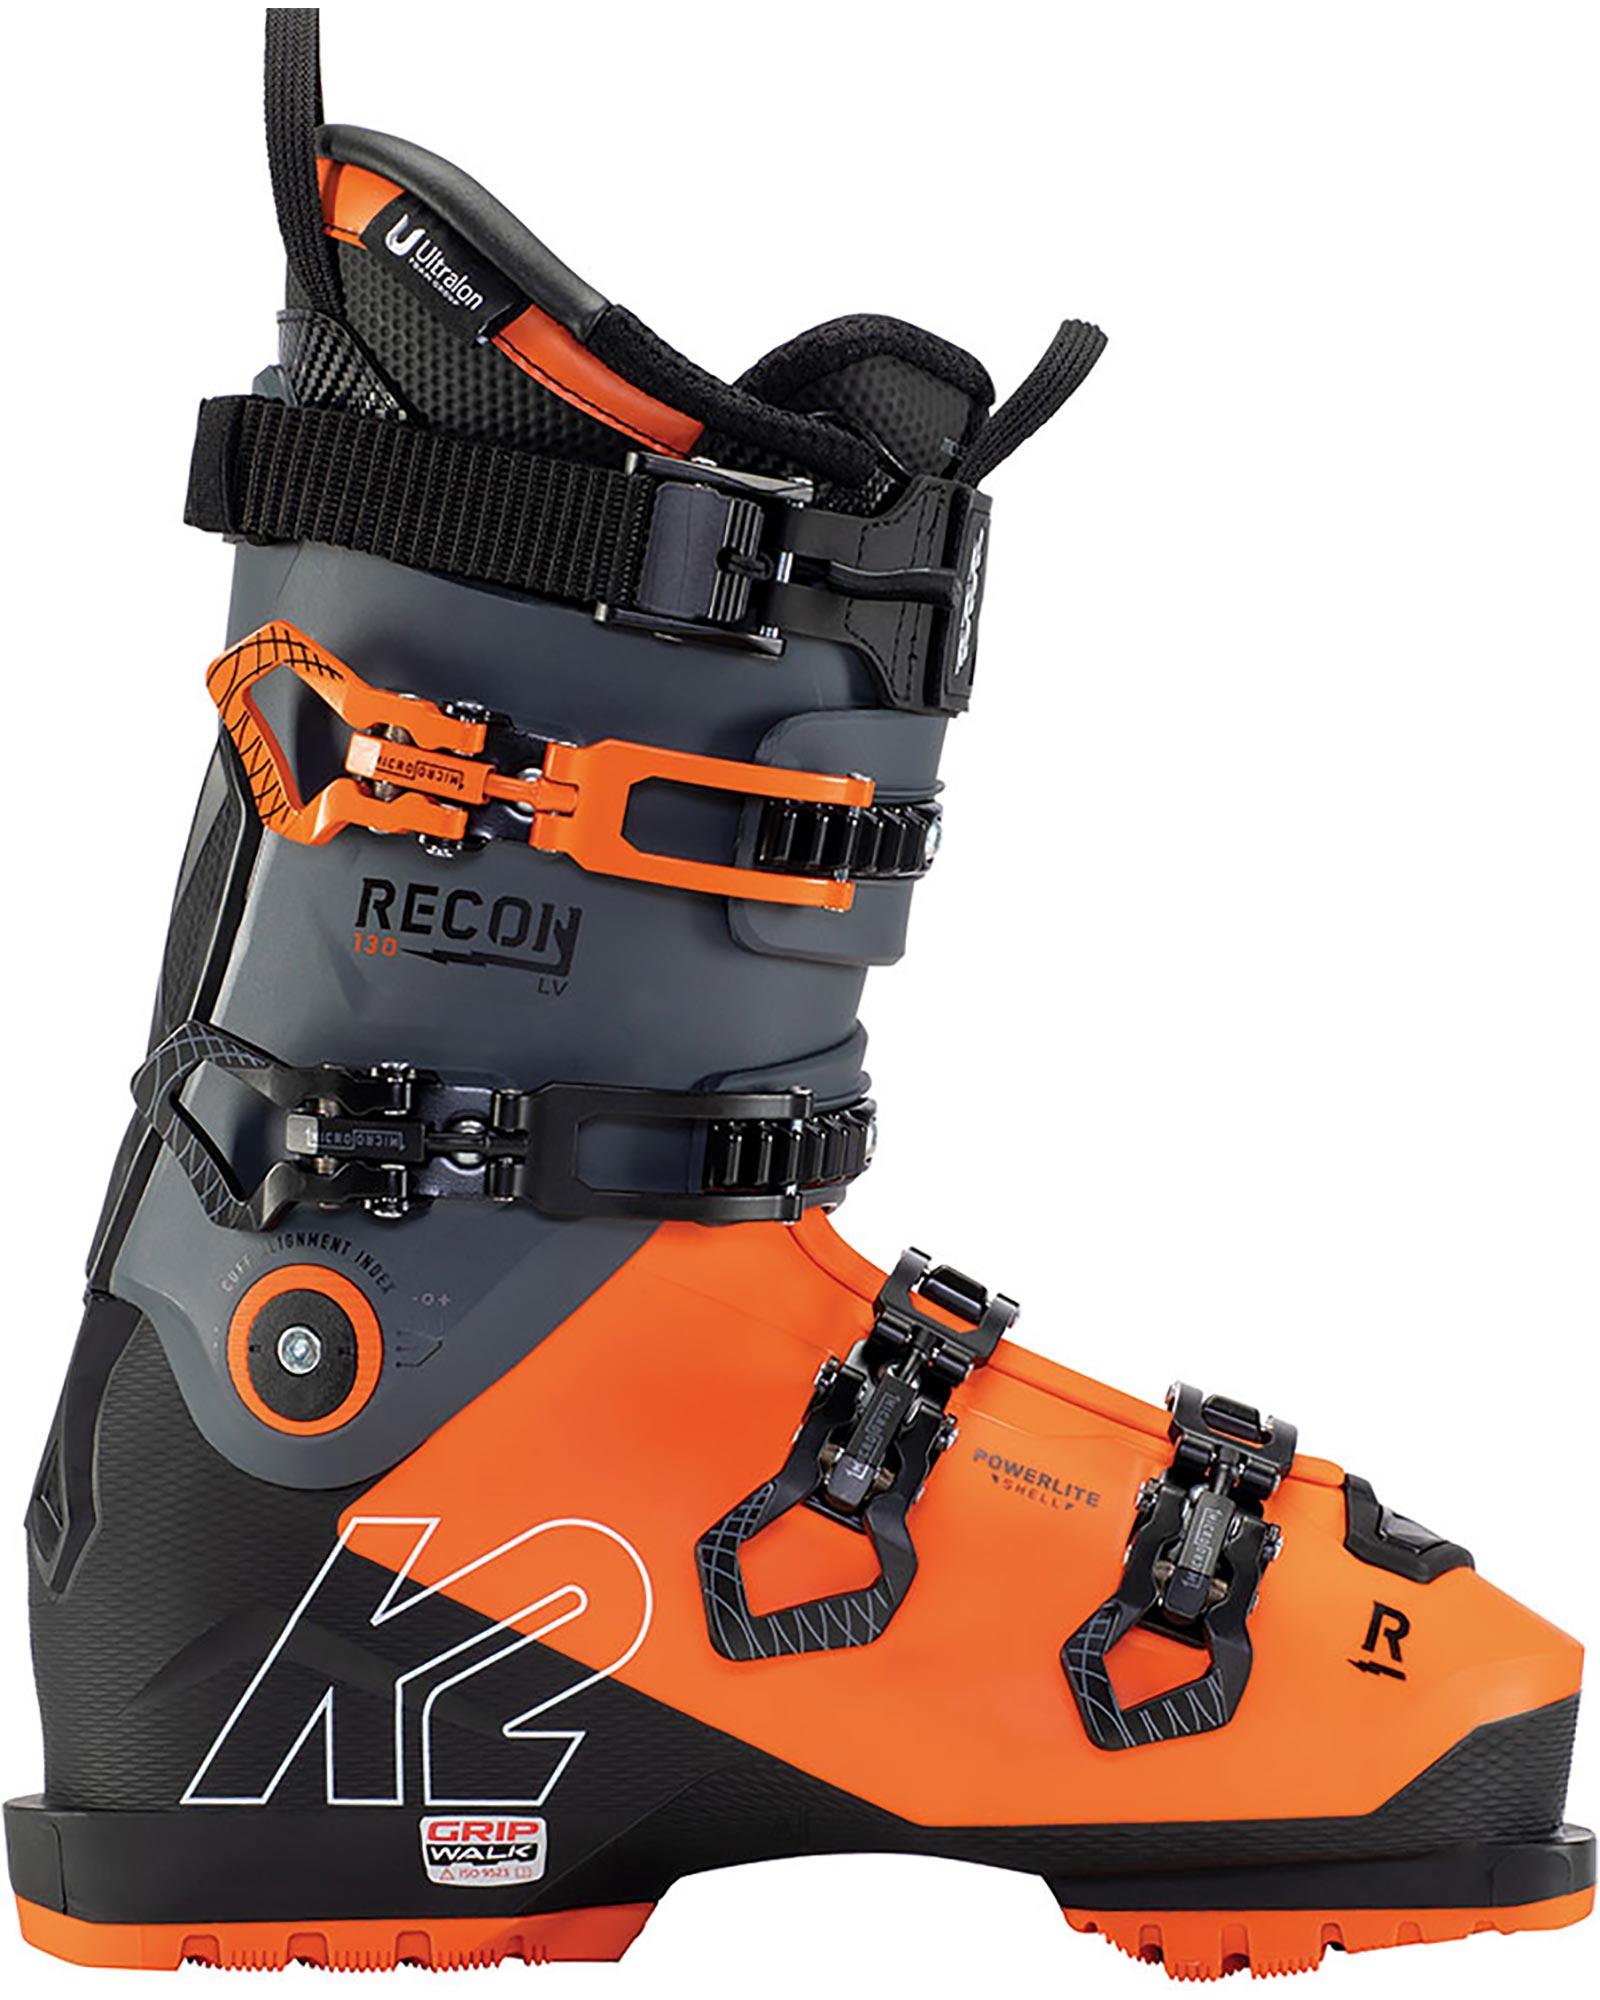 K2 Men's Recon 130 LV GripWalk Ski Boots 2020 / 2021 0